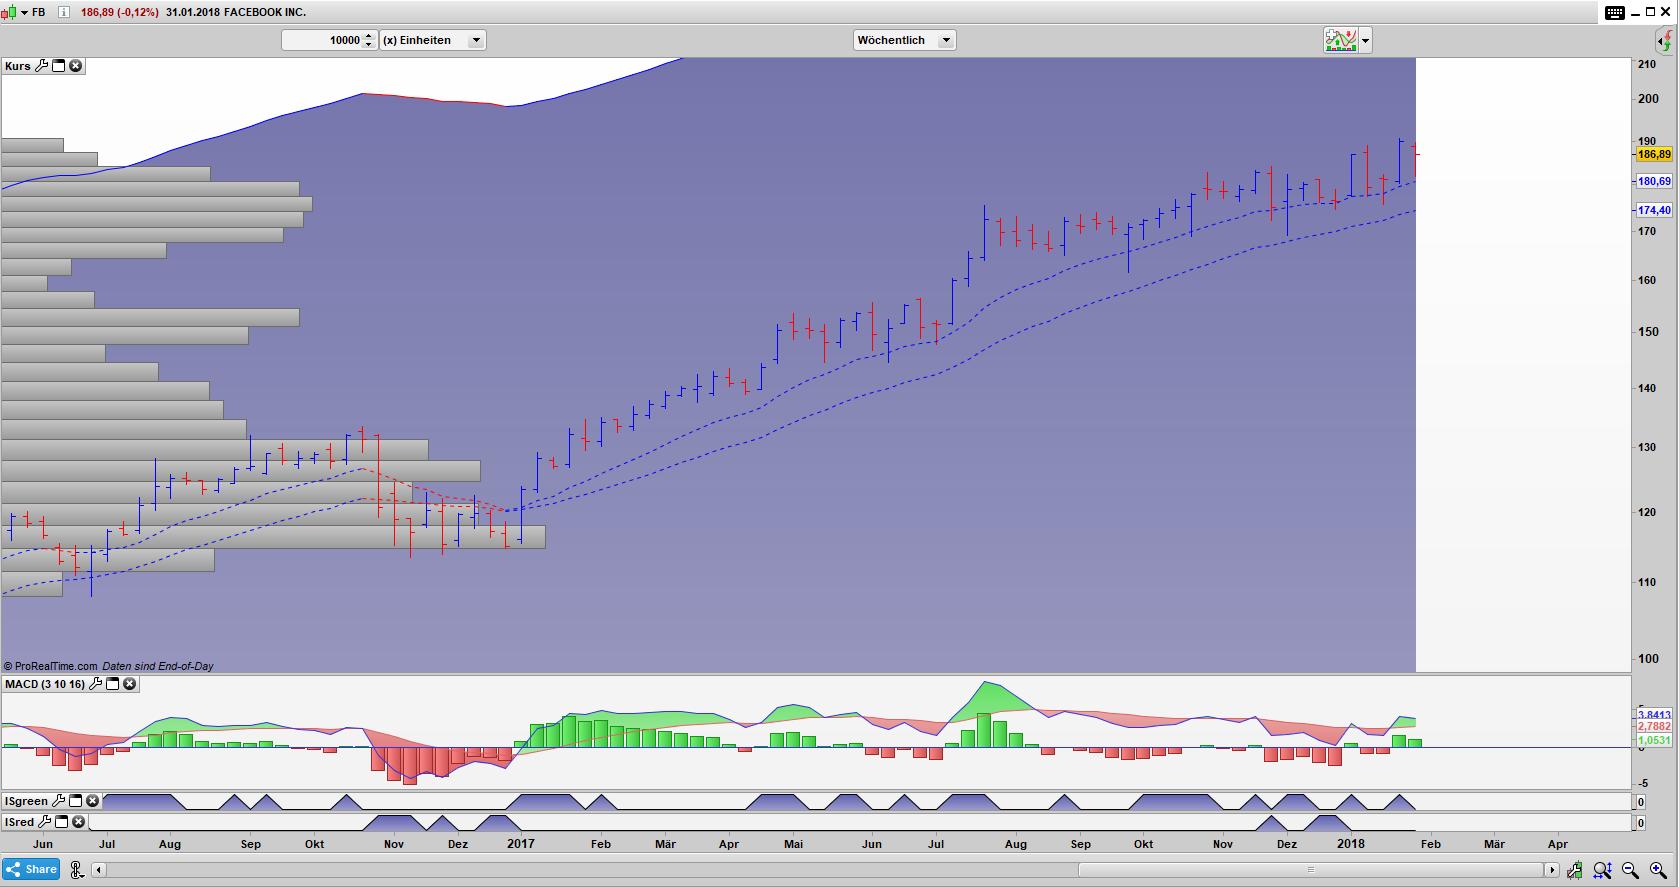 FB Bar Wochen Chart: Die Aktie kriecht von einem Hoch zum nächsten.